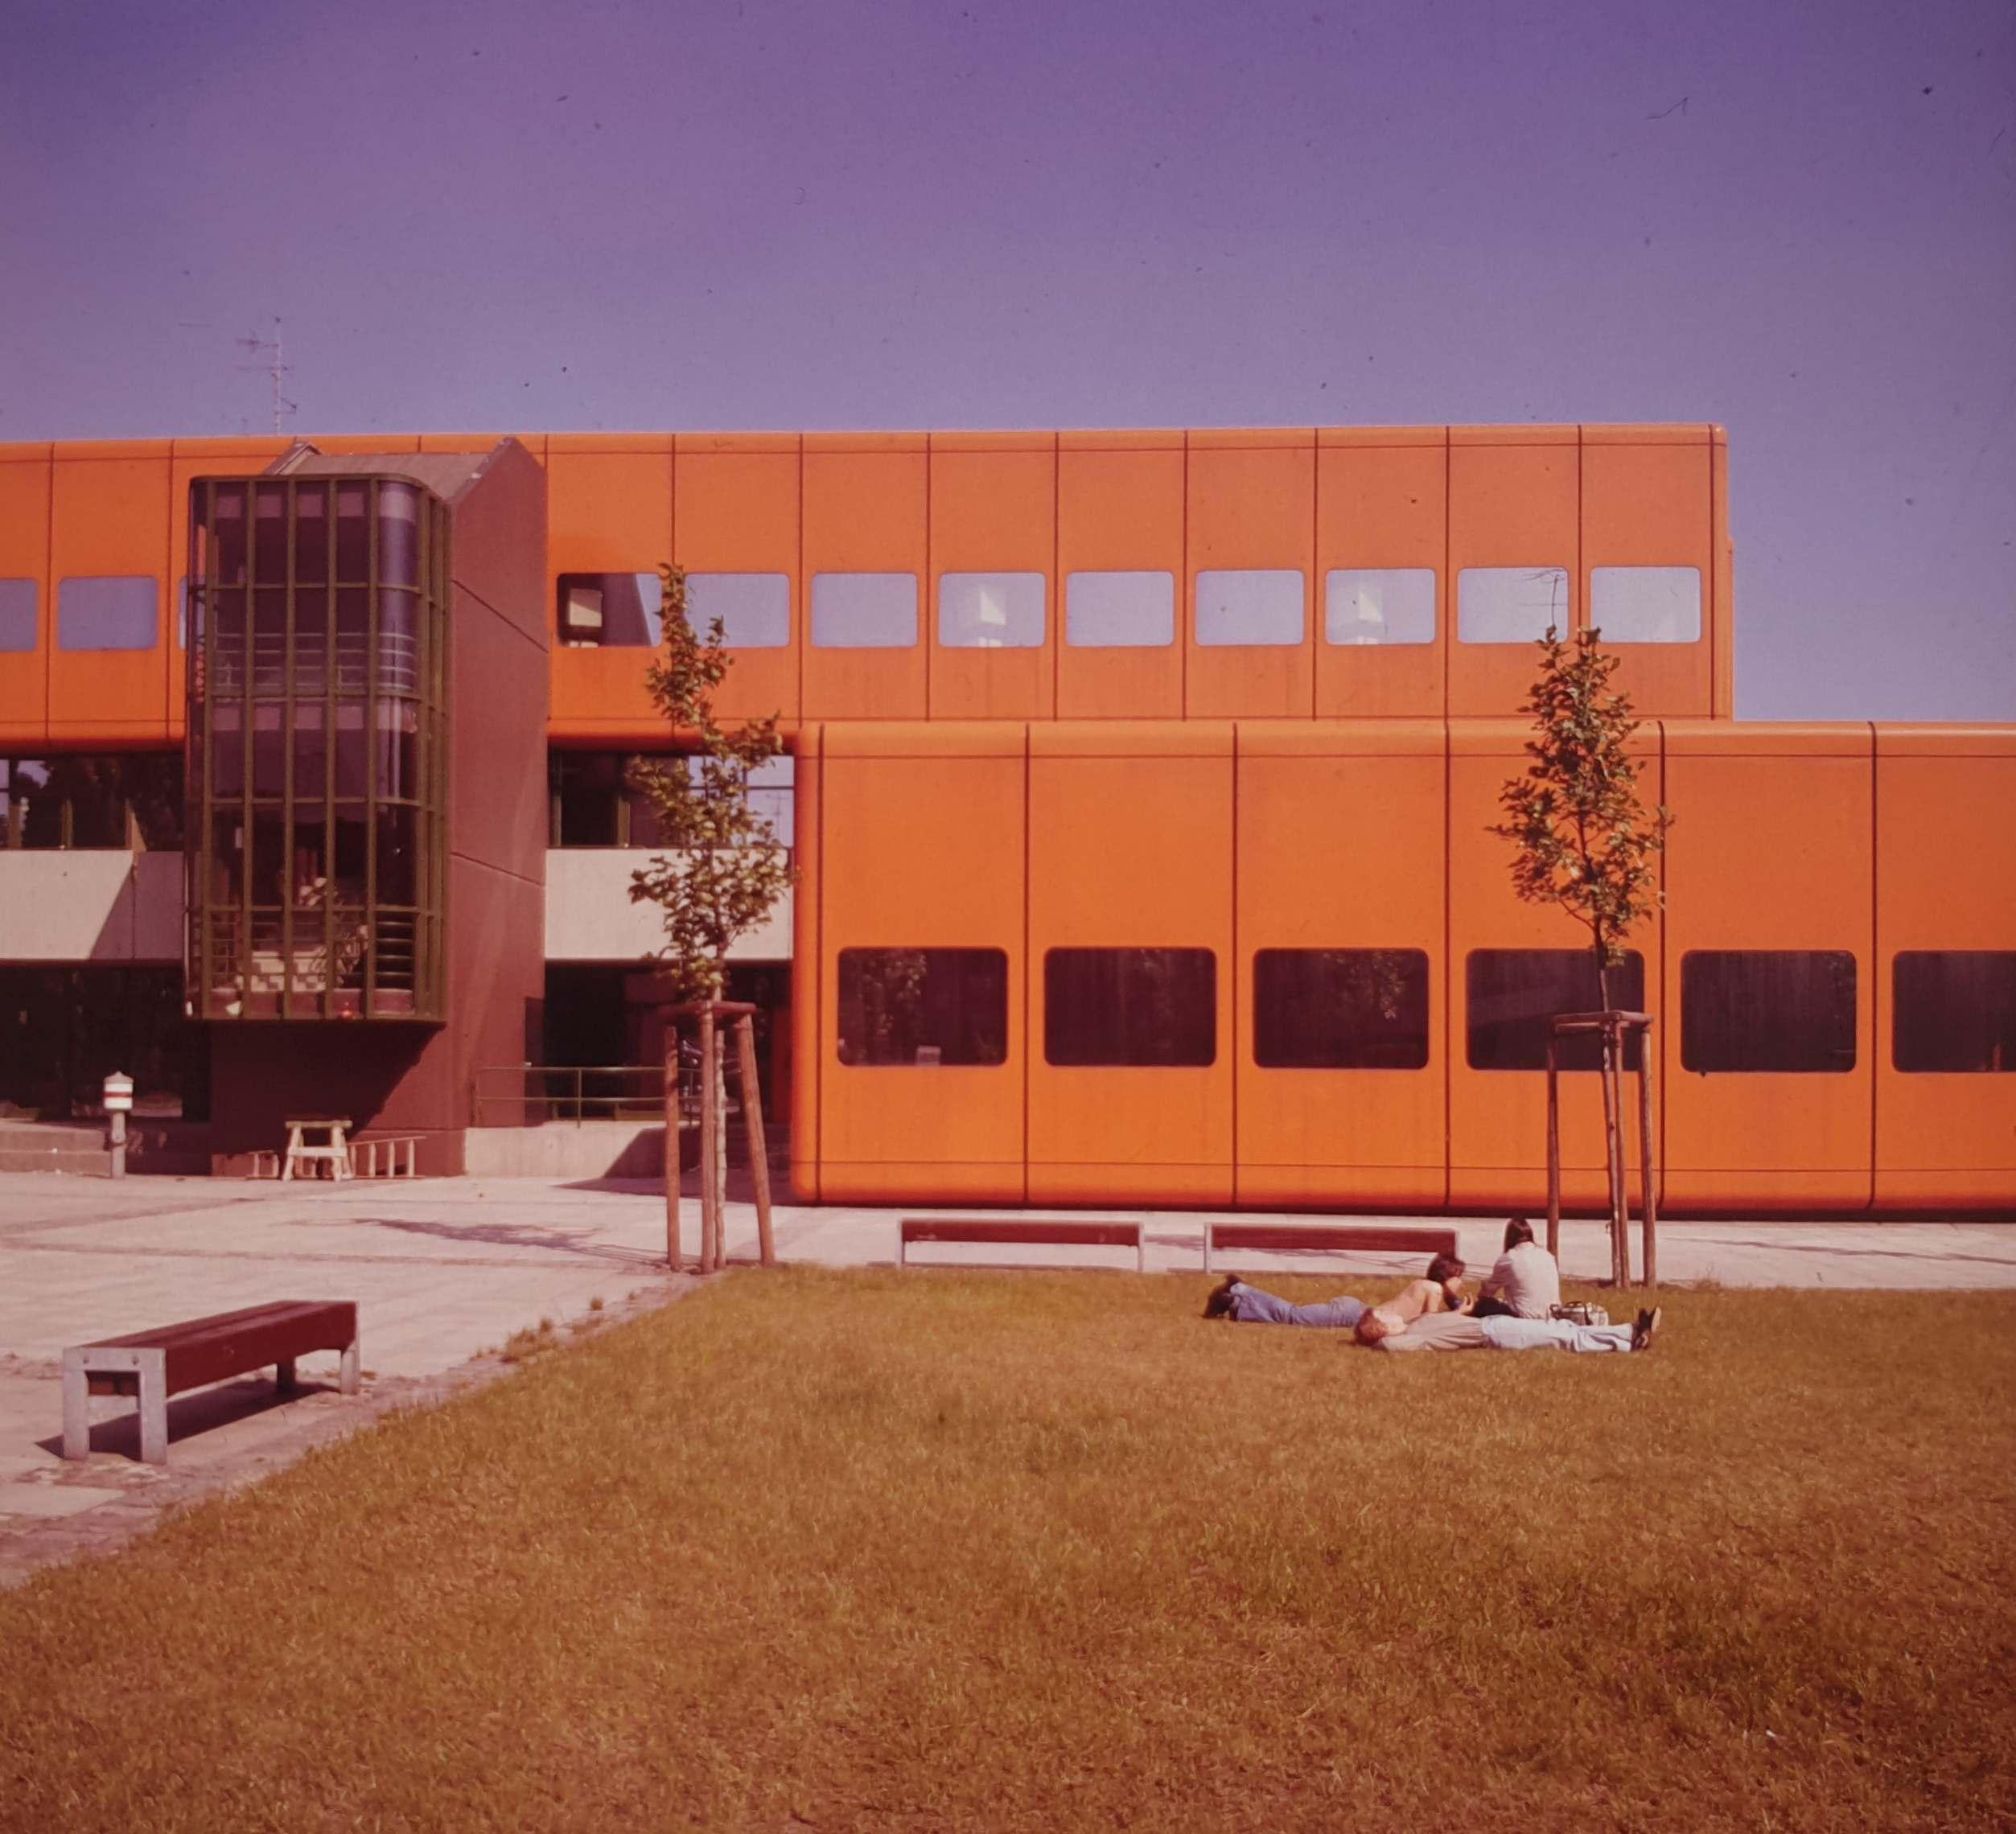 PSP Oberstufenzentrum Wedding 1971 19772